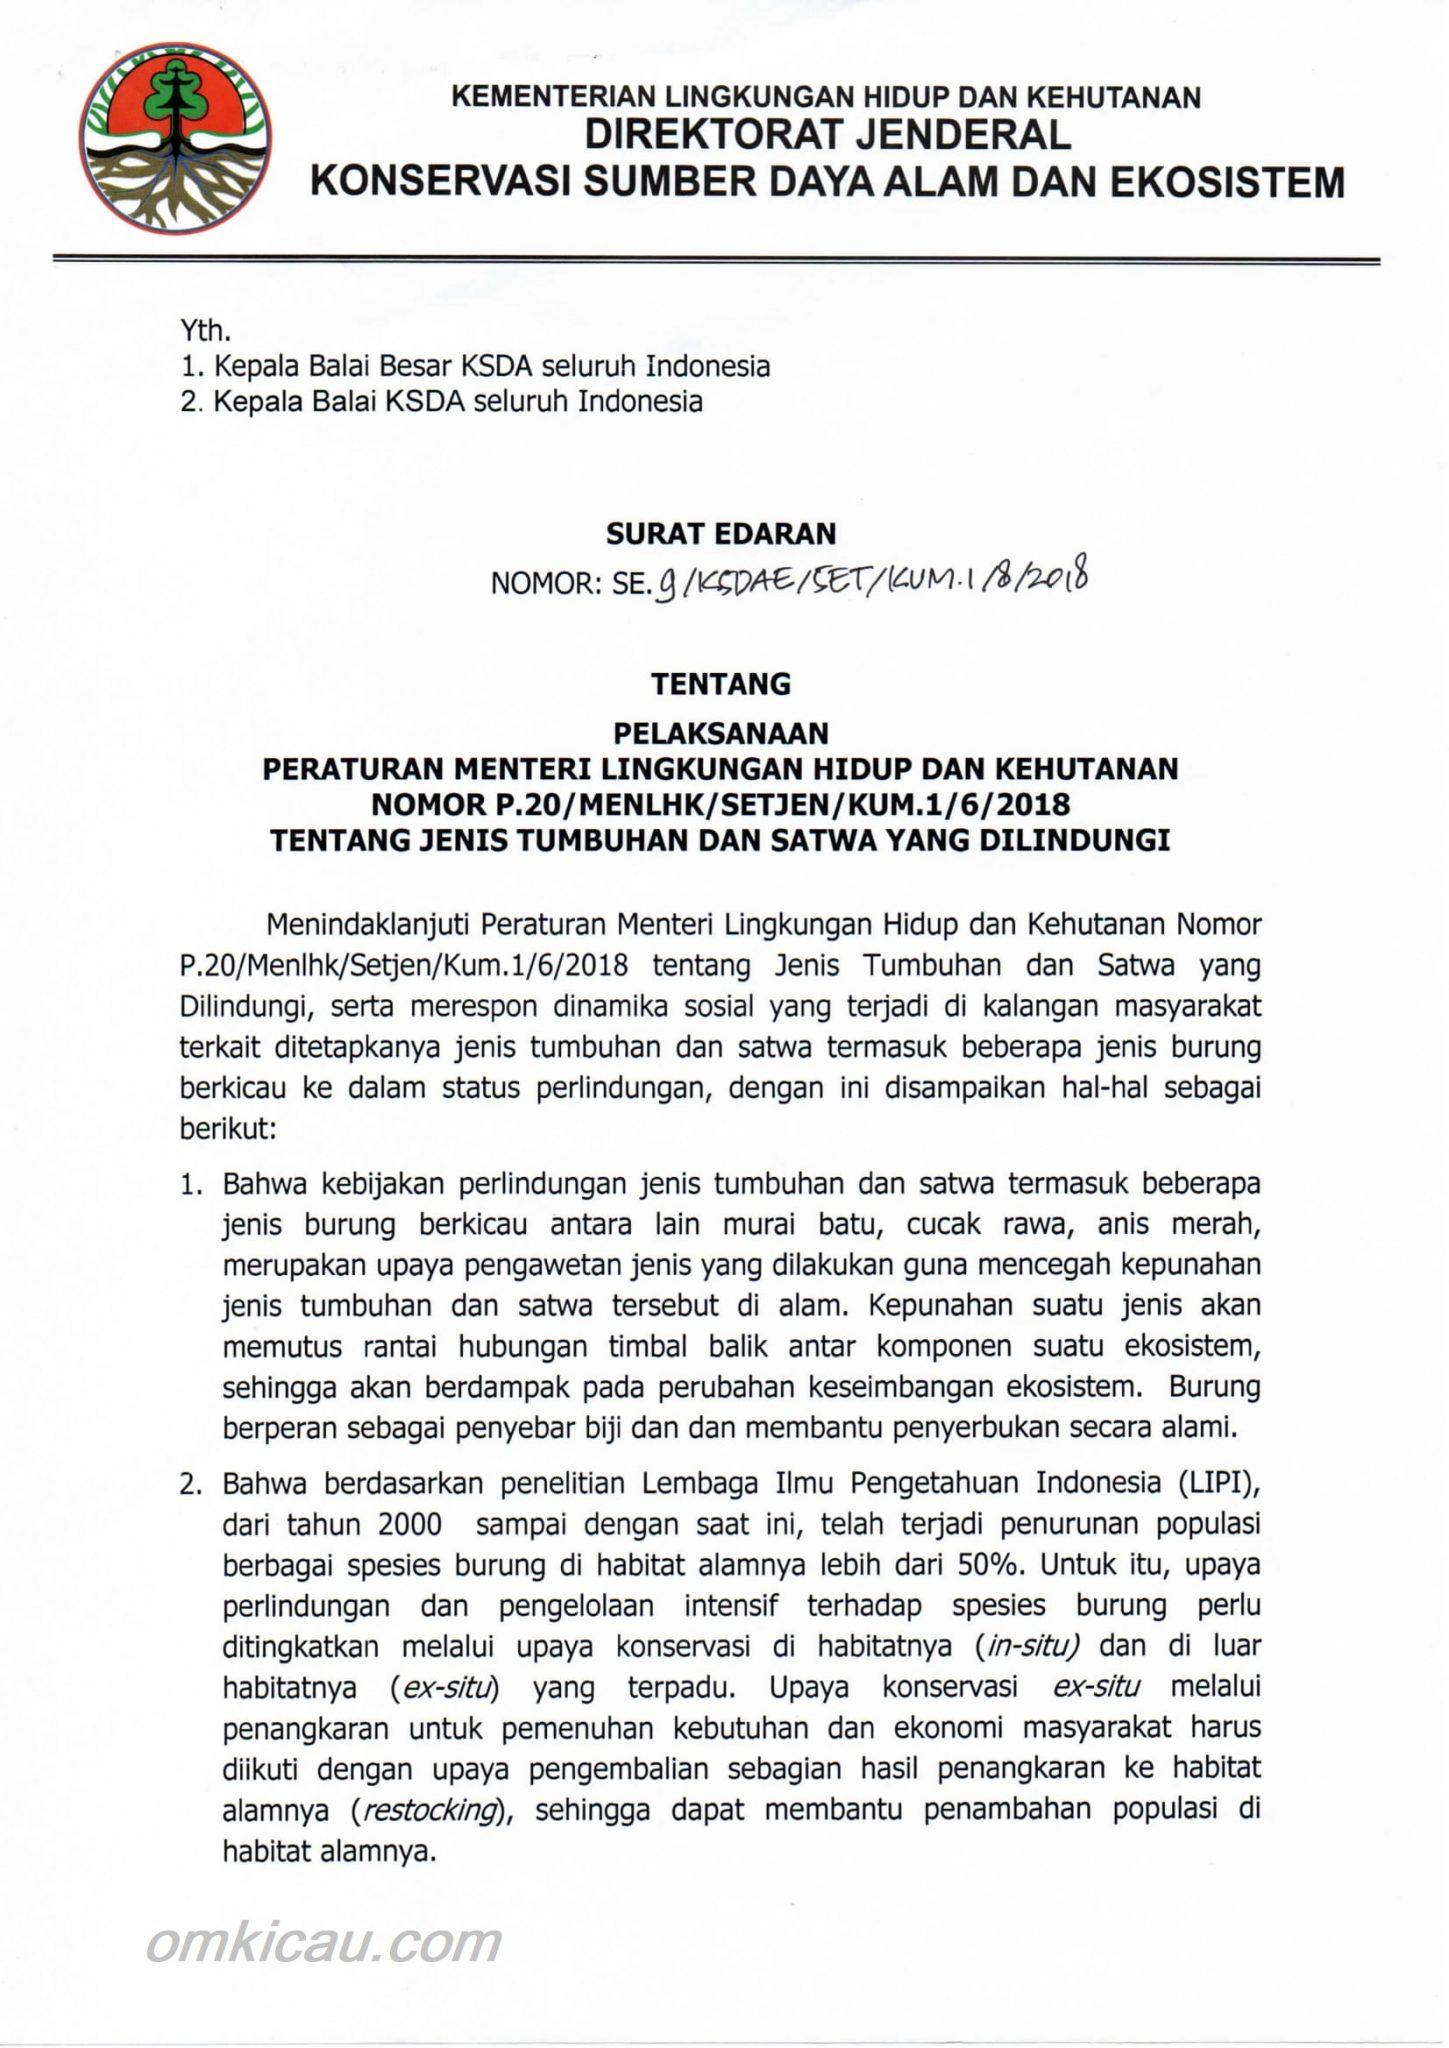 Dirjen keluarkan Surat Edaran Pelaksanaan Permen LHK No. 20/2018